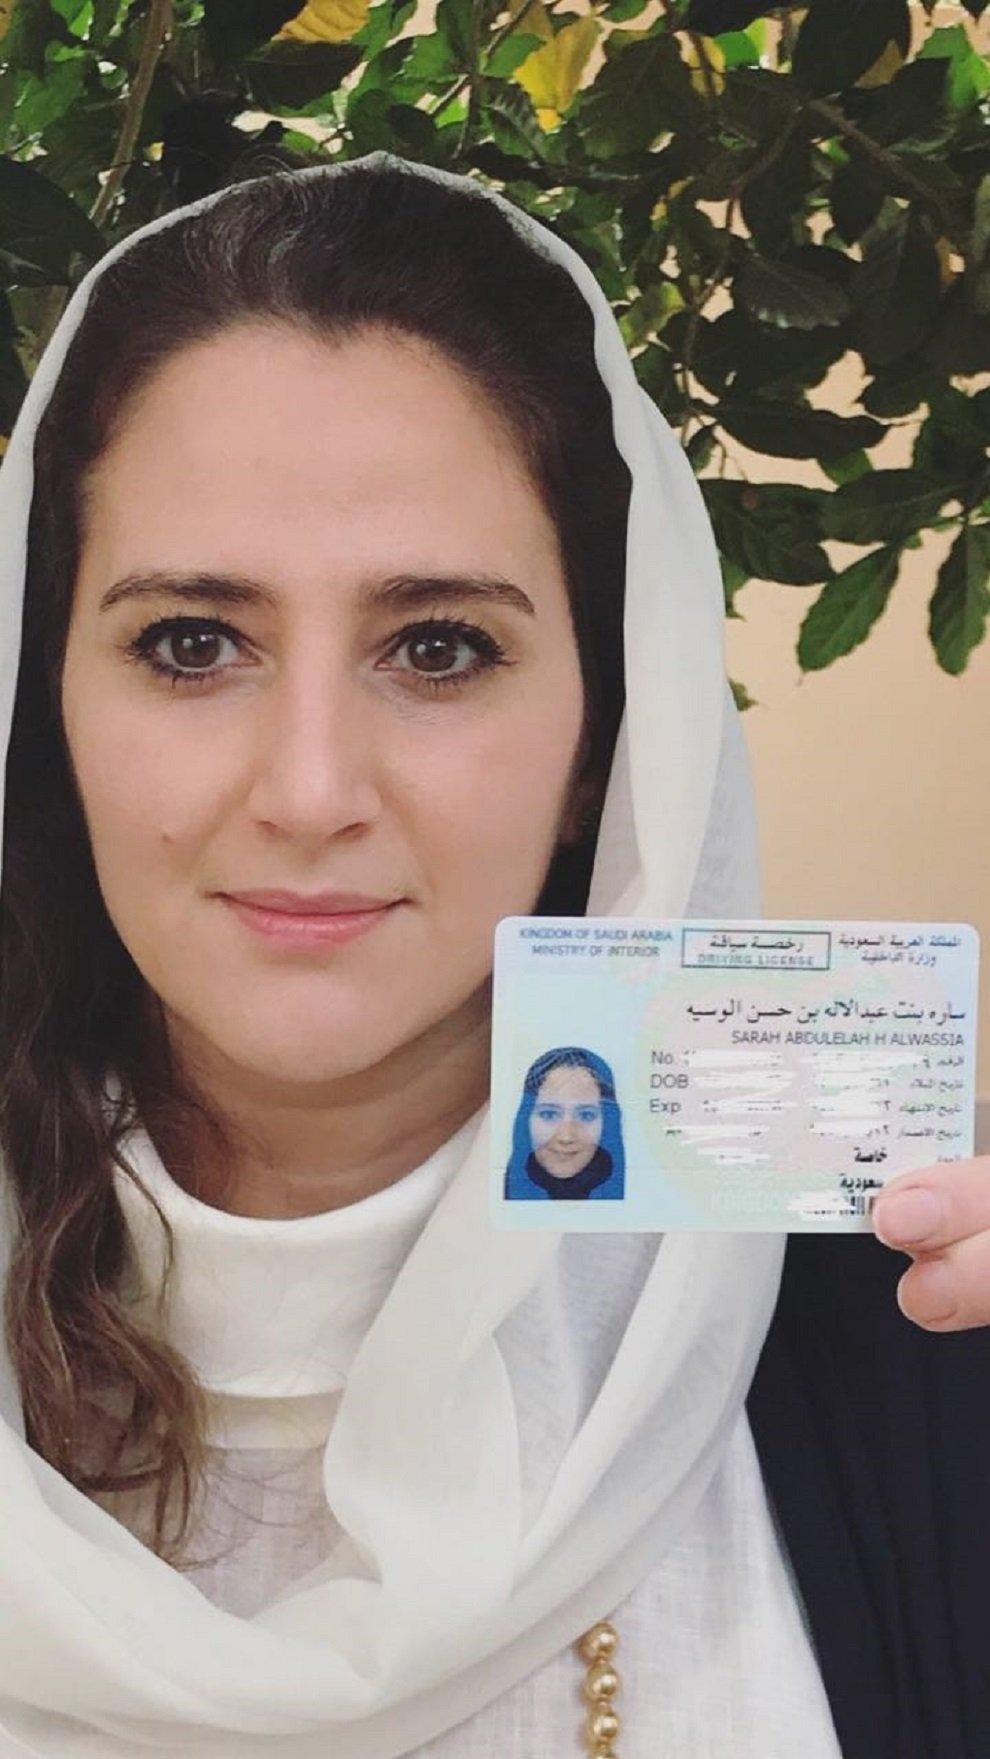 سعوديات ومختصون لـسبوتنيك قيادة المرأة للسيارة نهضة اقتصادية وفوائد شخصية